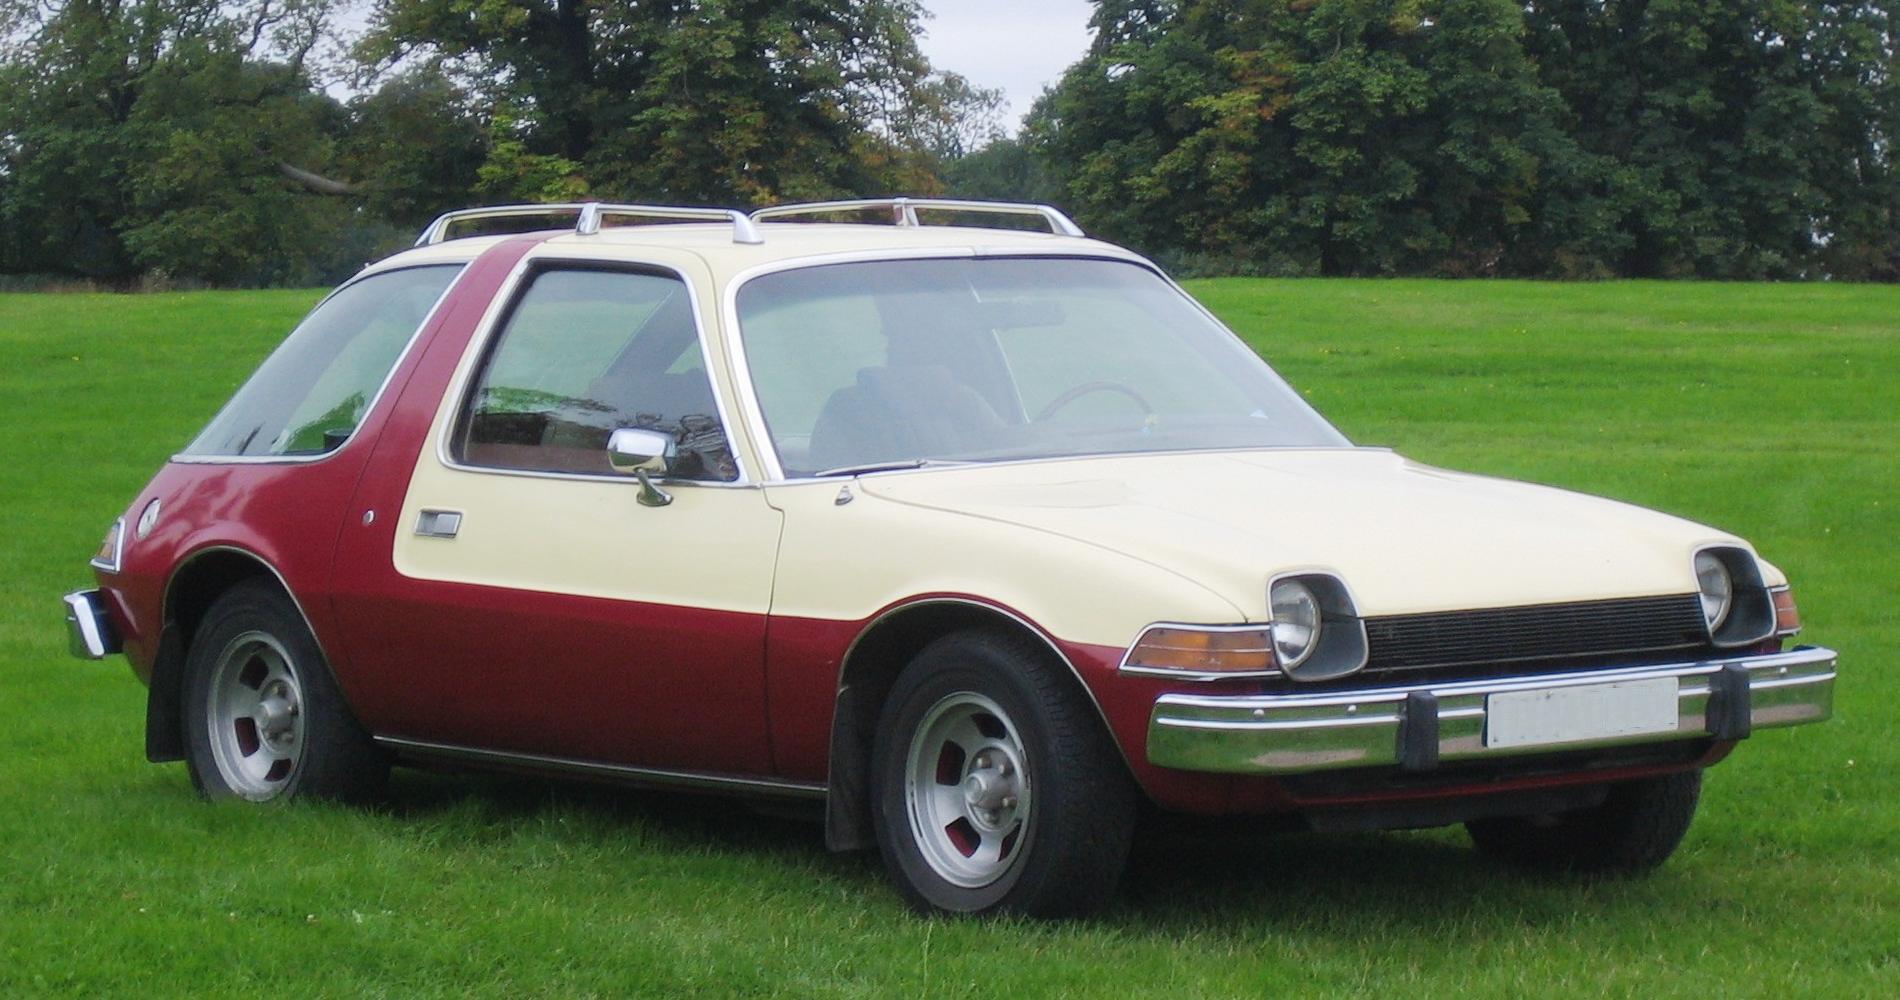 AMC_Pacer_1975-1978.jpg